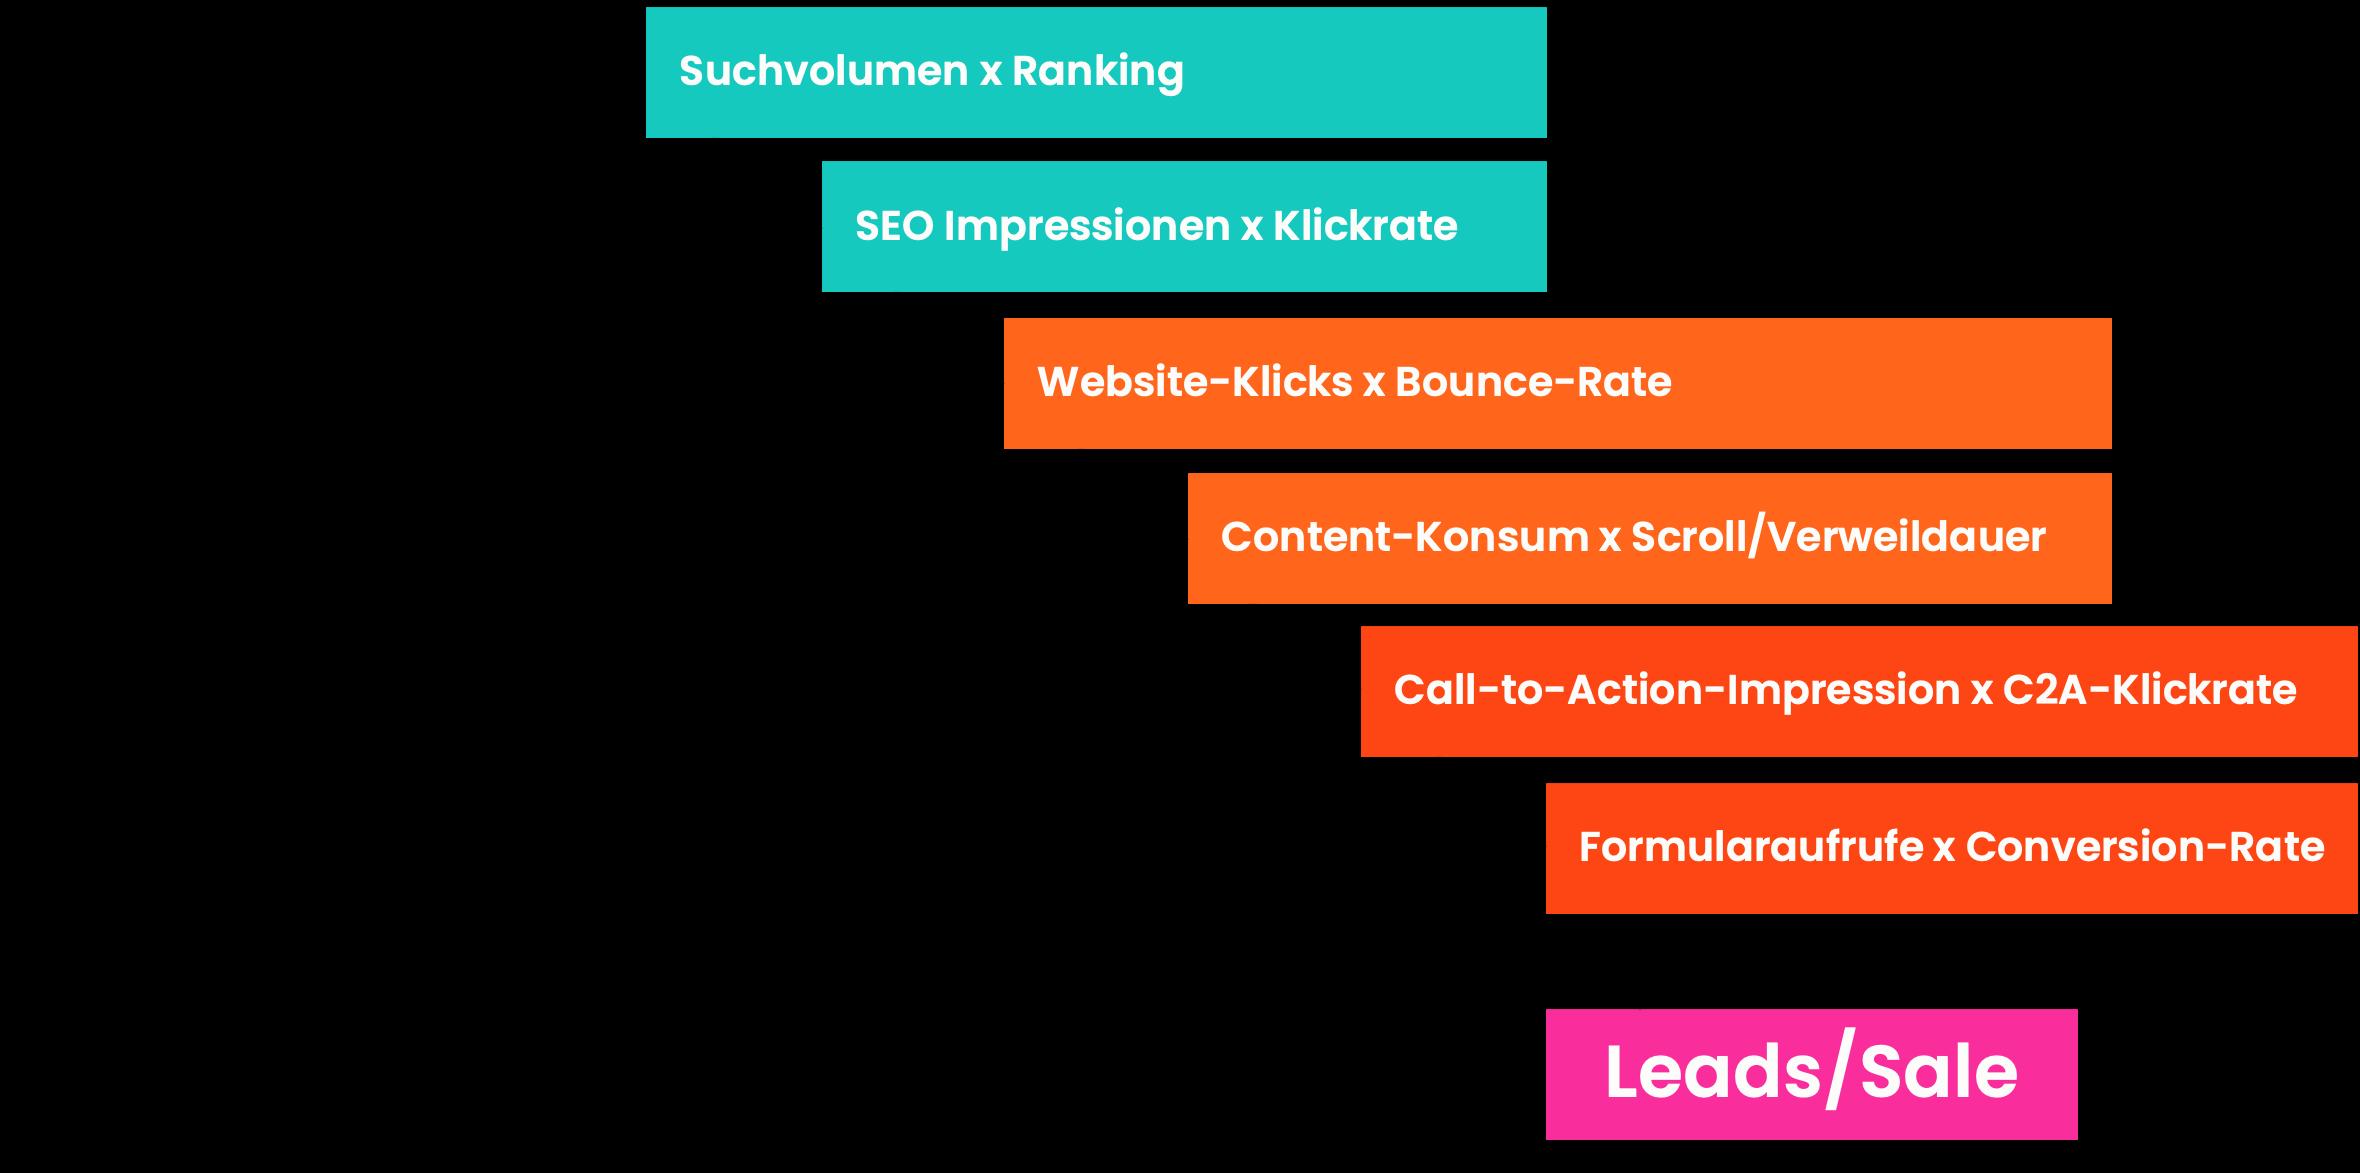 Beispiel für die Messung von erfolgreichem Content